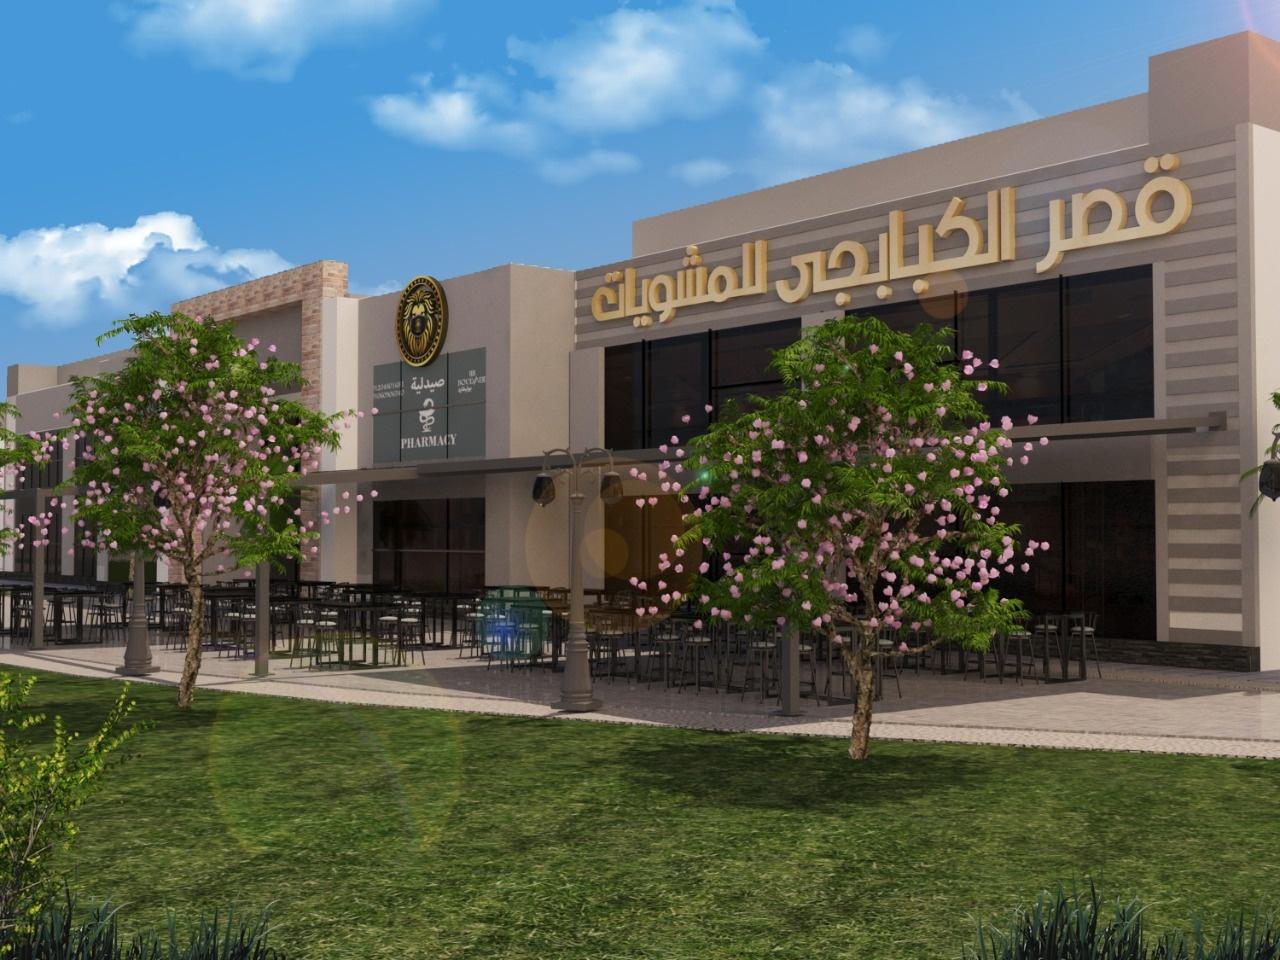 عناوين فروع مطعم قصر الكبابجى